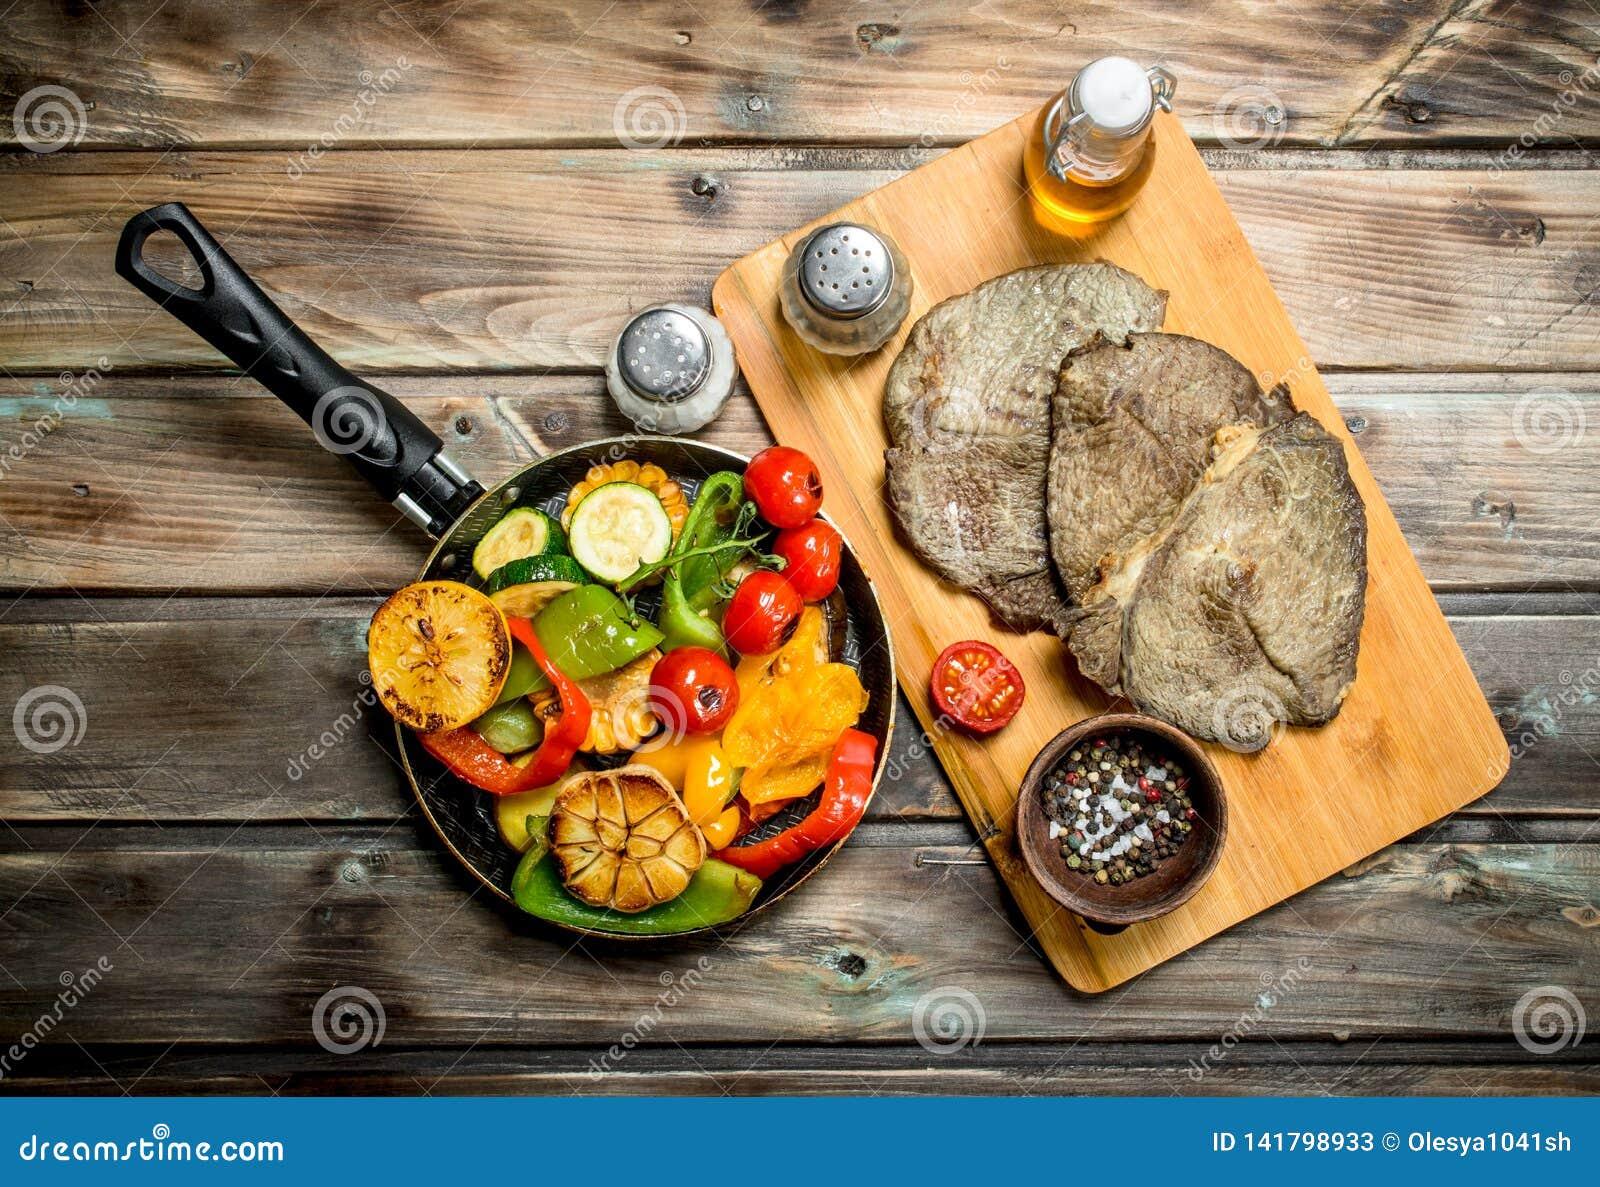 Grillade grönsaker i en panna med stekte nötköttbiffar